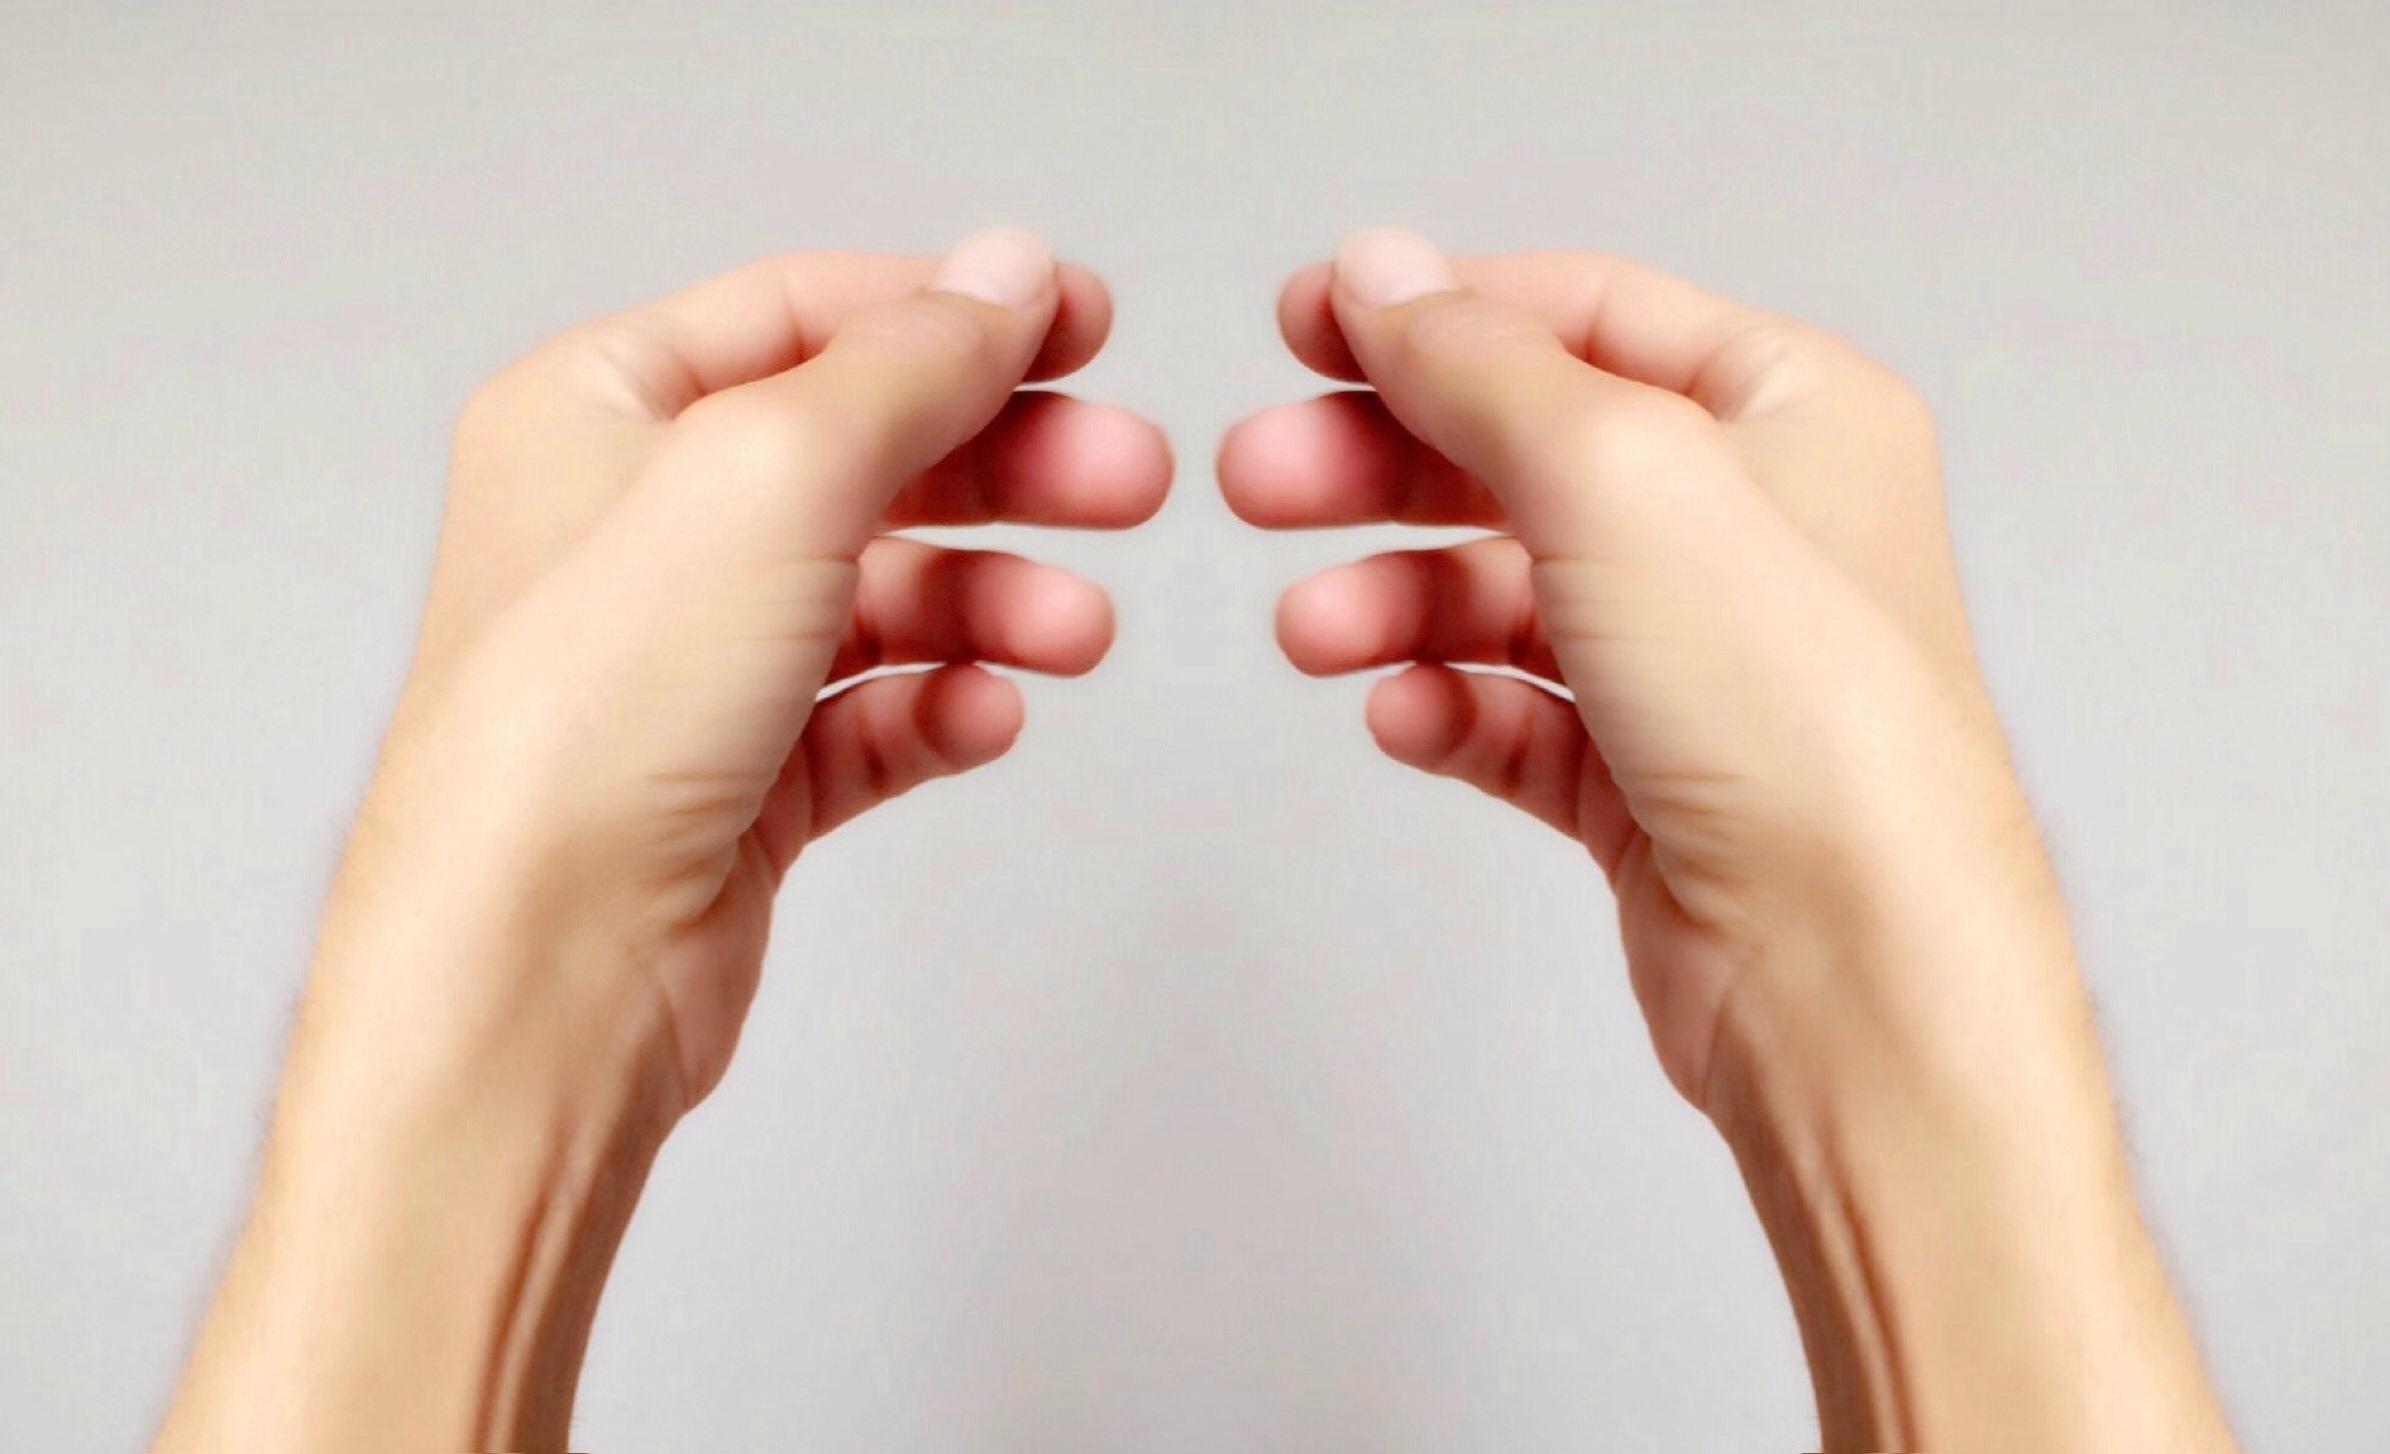 Fotos gratis : mano, persona, pierna, dedo, Dando, amistad, brazo ...